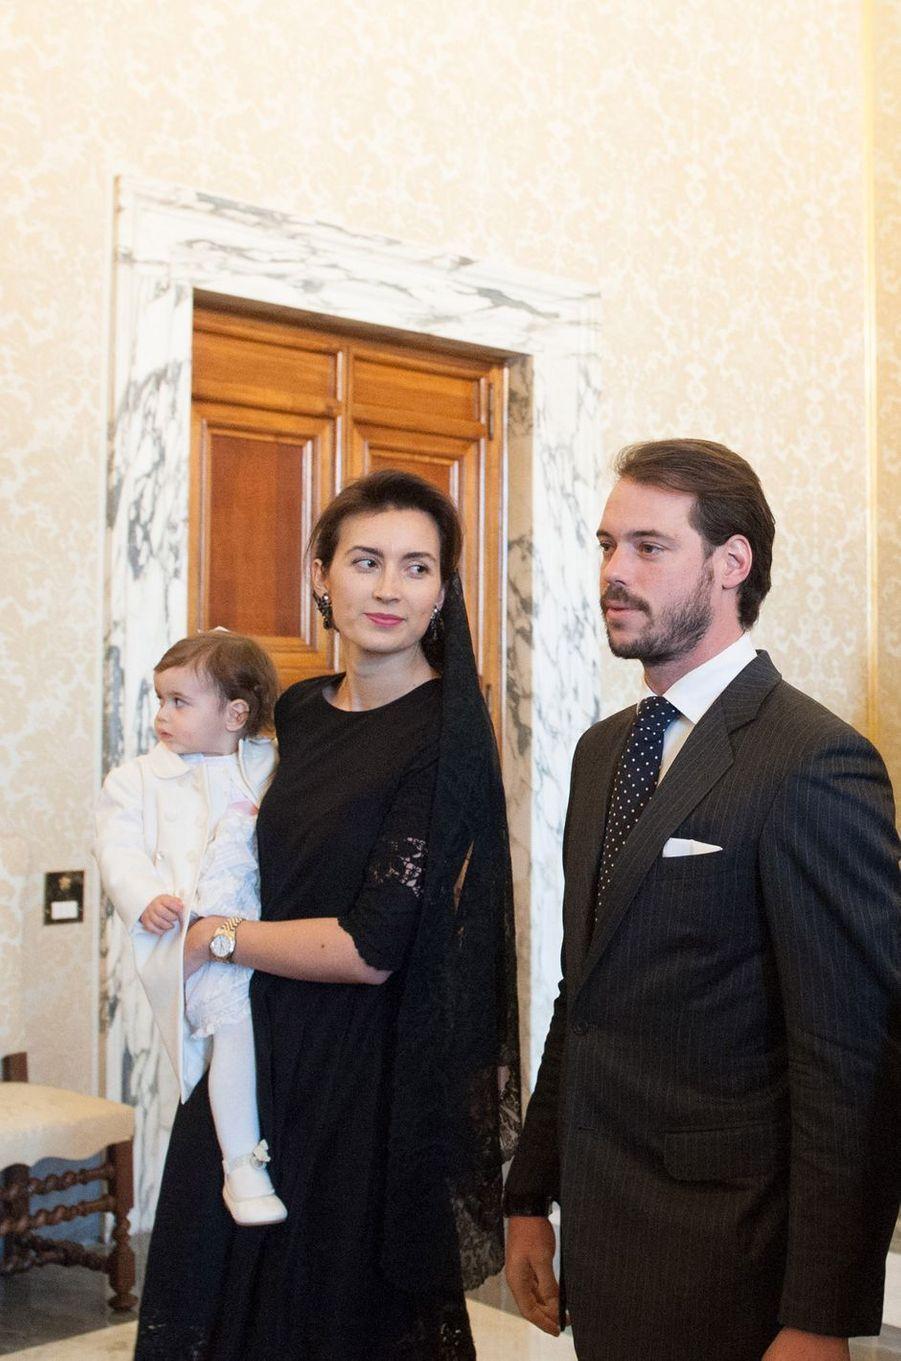 La princesse Claire avec son époux le prince Félix de Luxembourg et leur fille Amalia, le 22 mars 2016